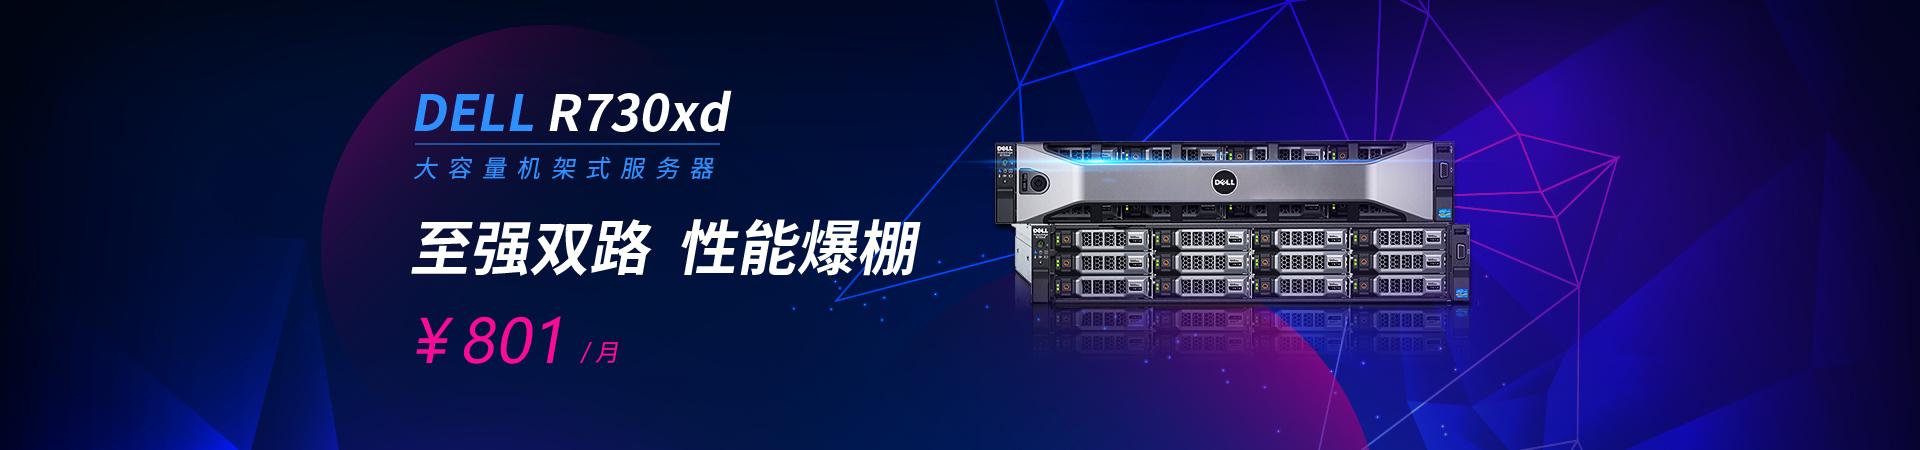 Dell R730xd服务器